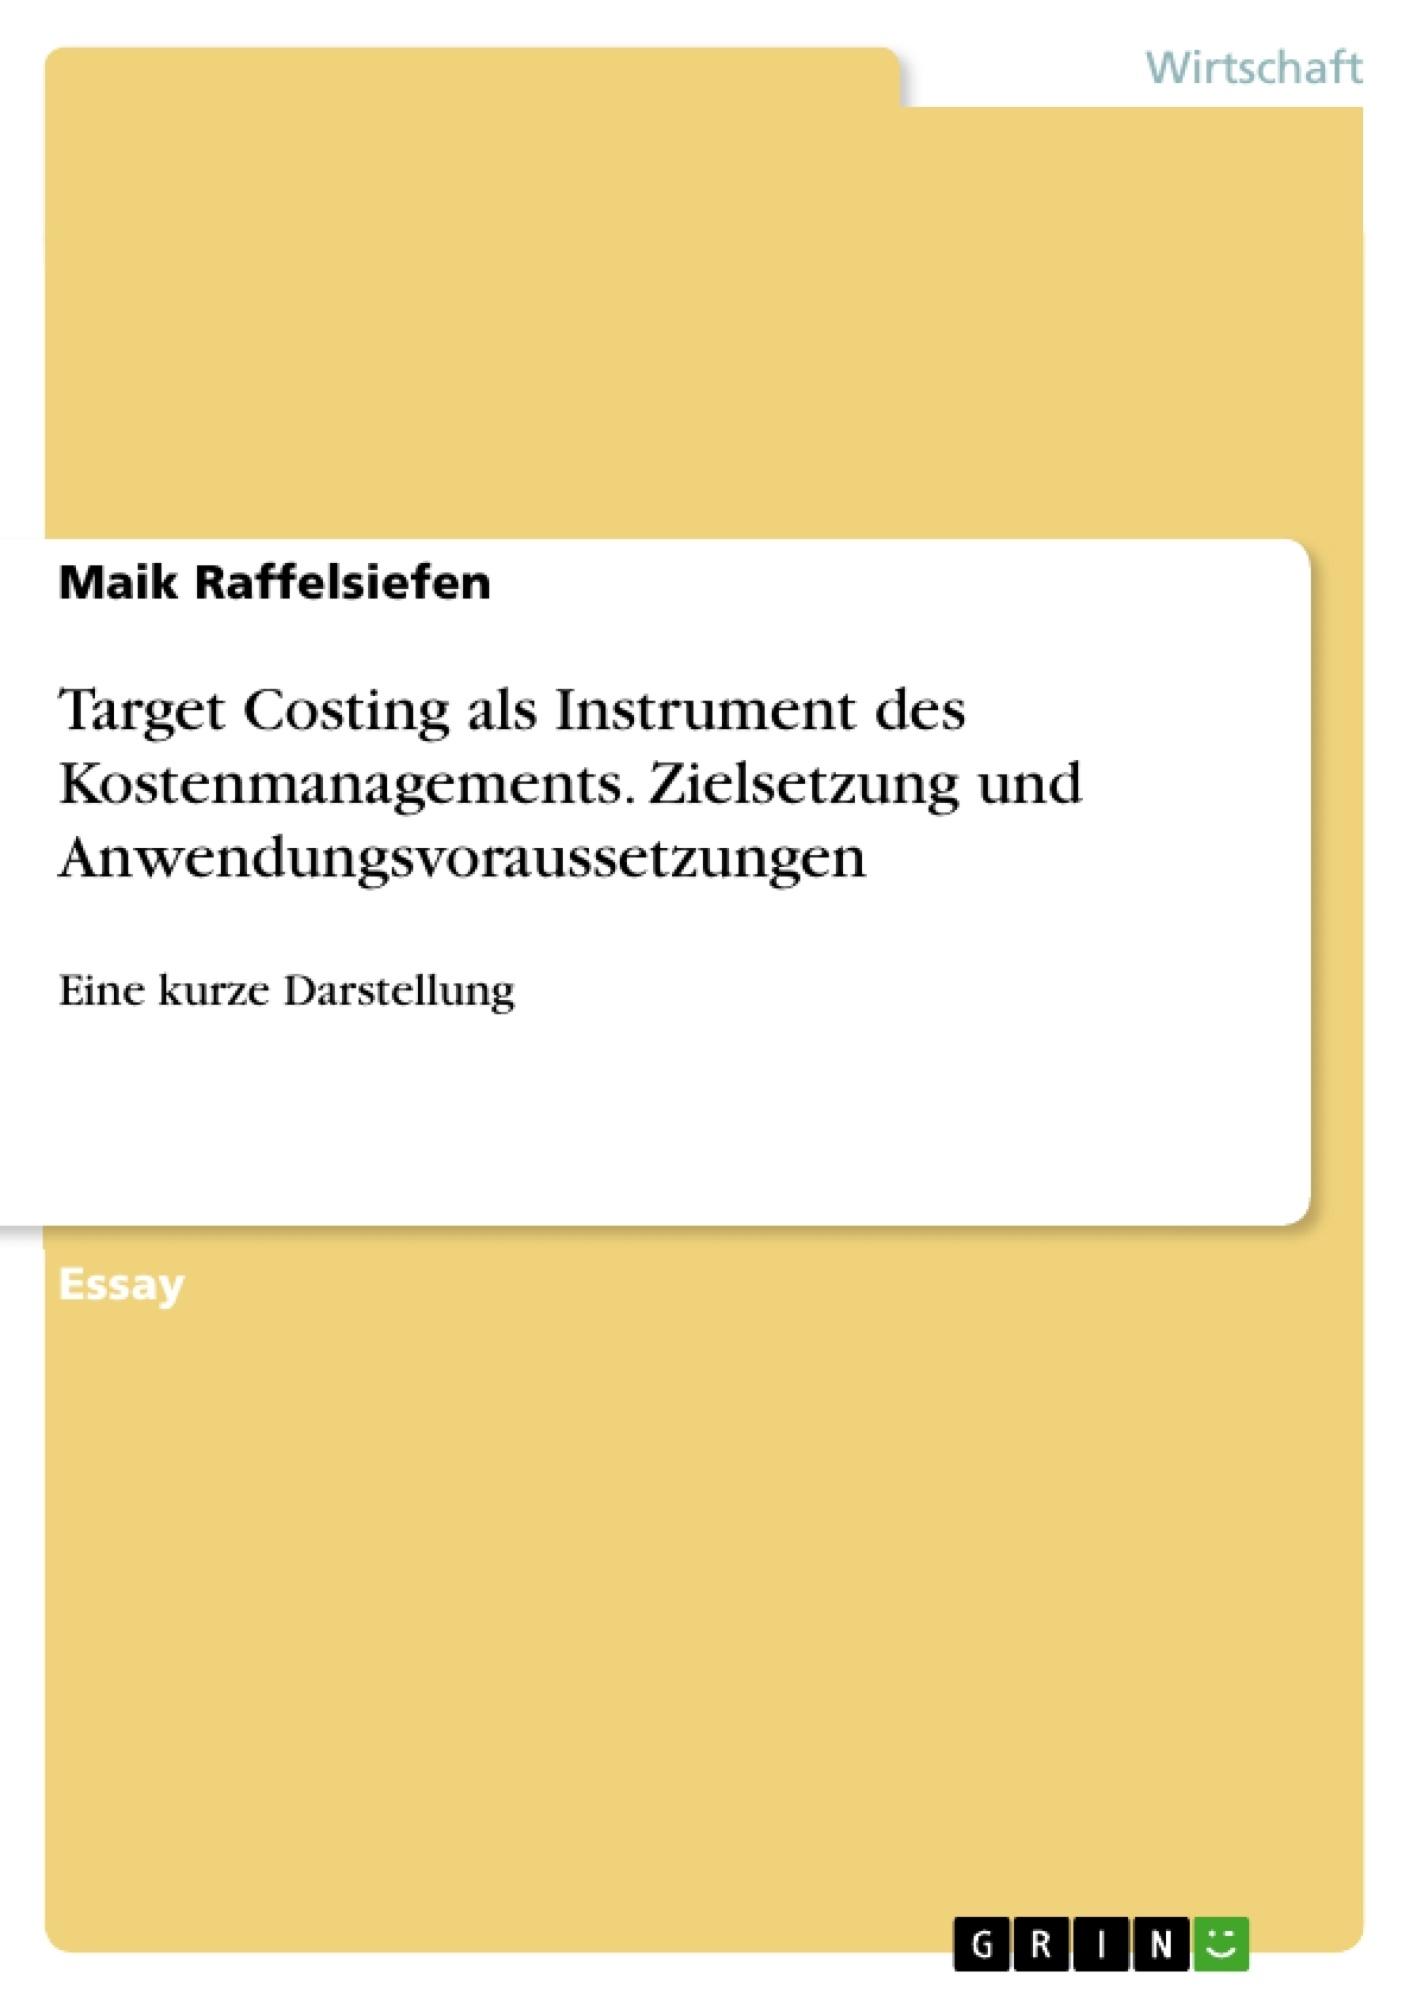 Titel: Target Costing als Instrument des Kostenmanagements. Zielsetzung und Anwendungsvoraussetzungen